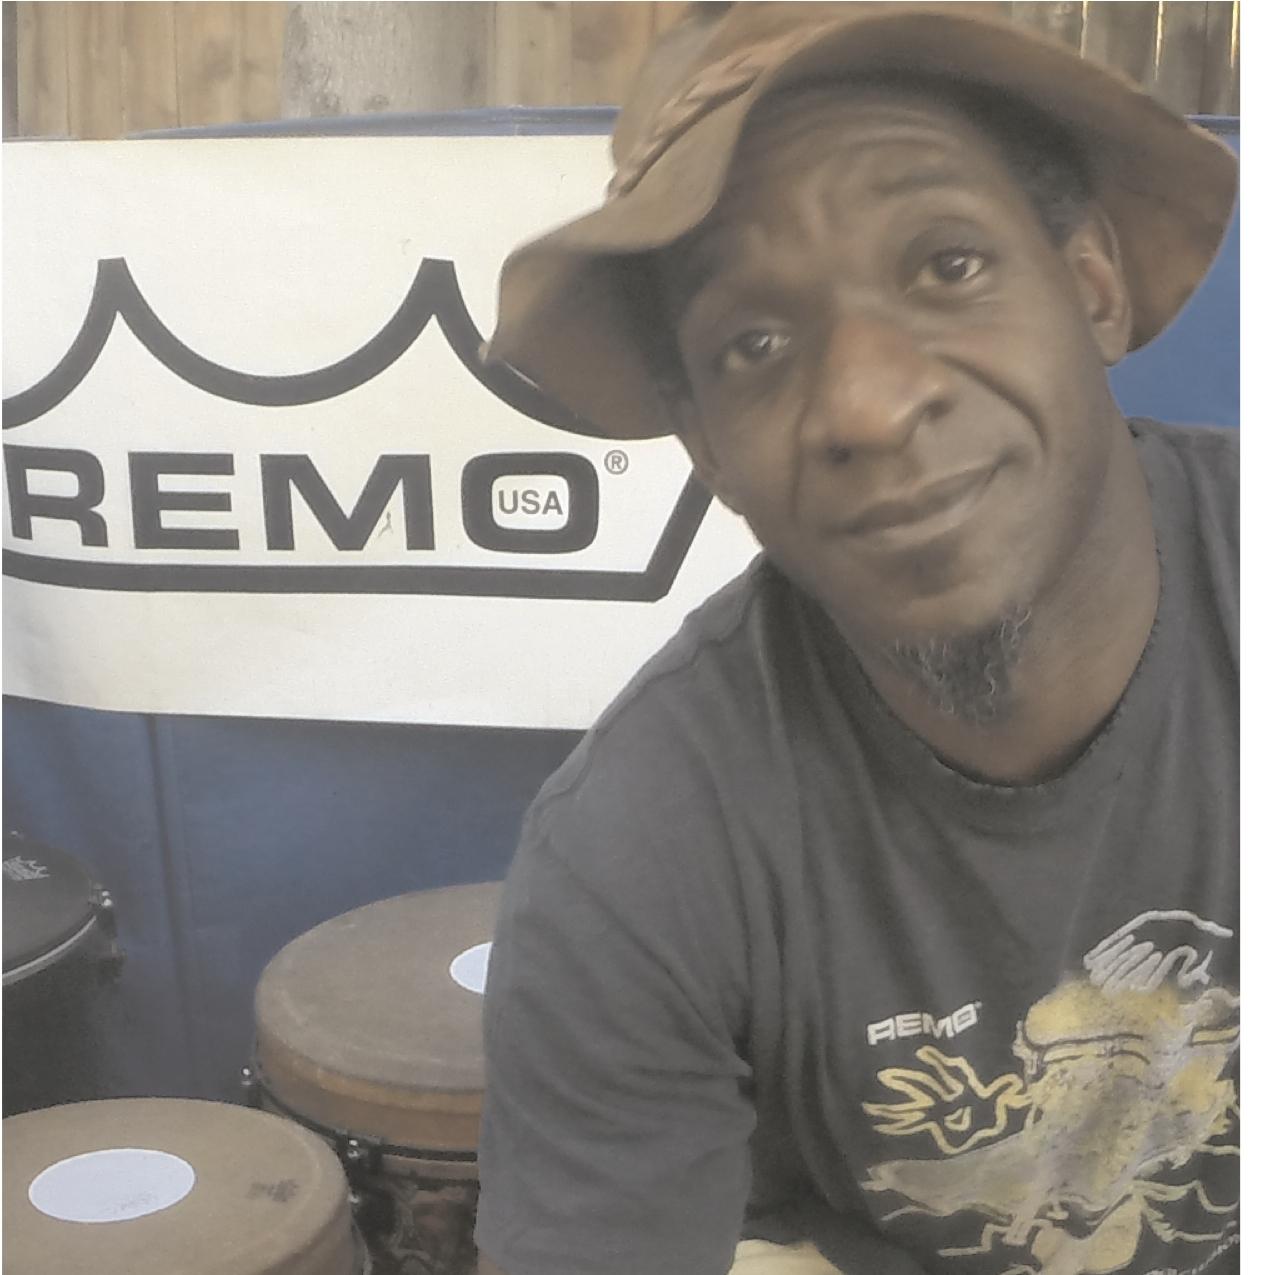 Remo artist